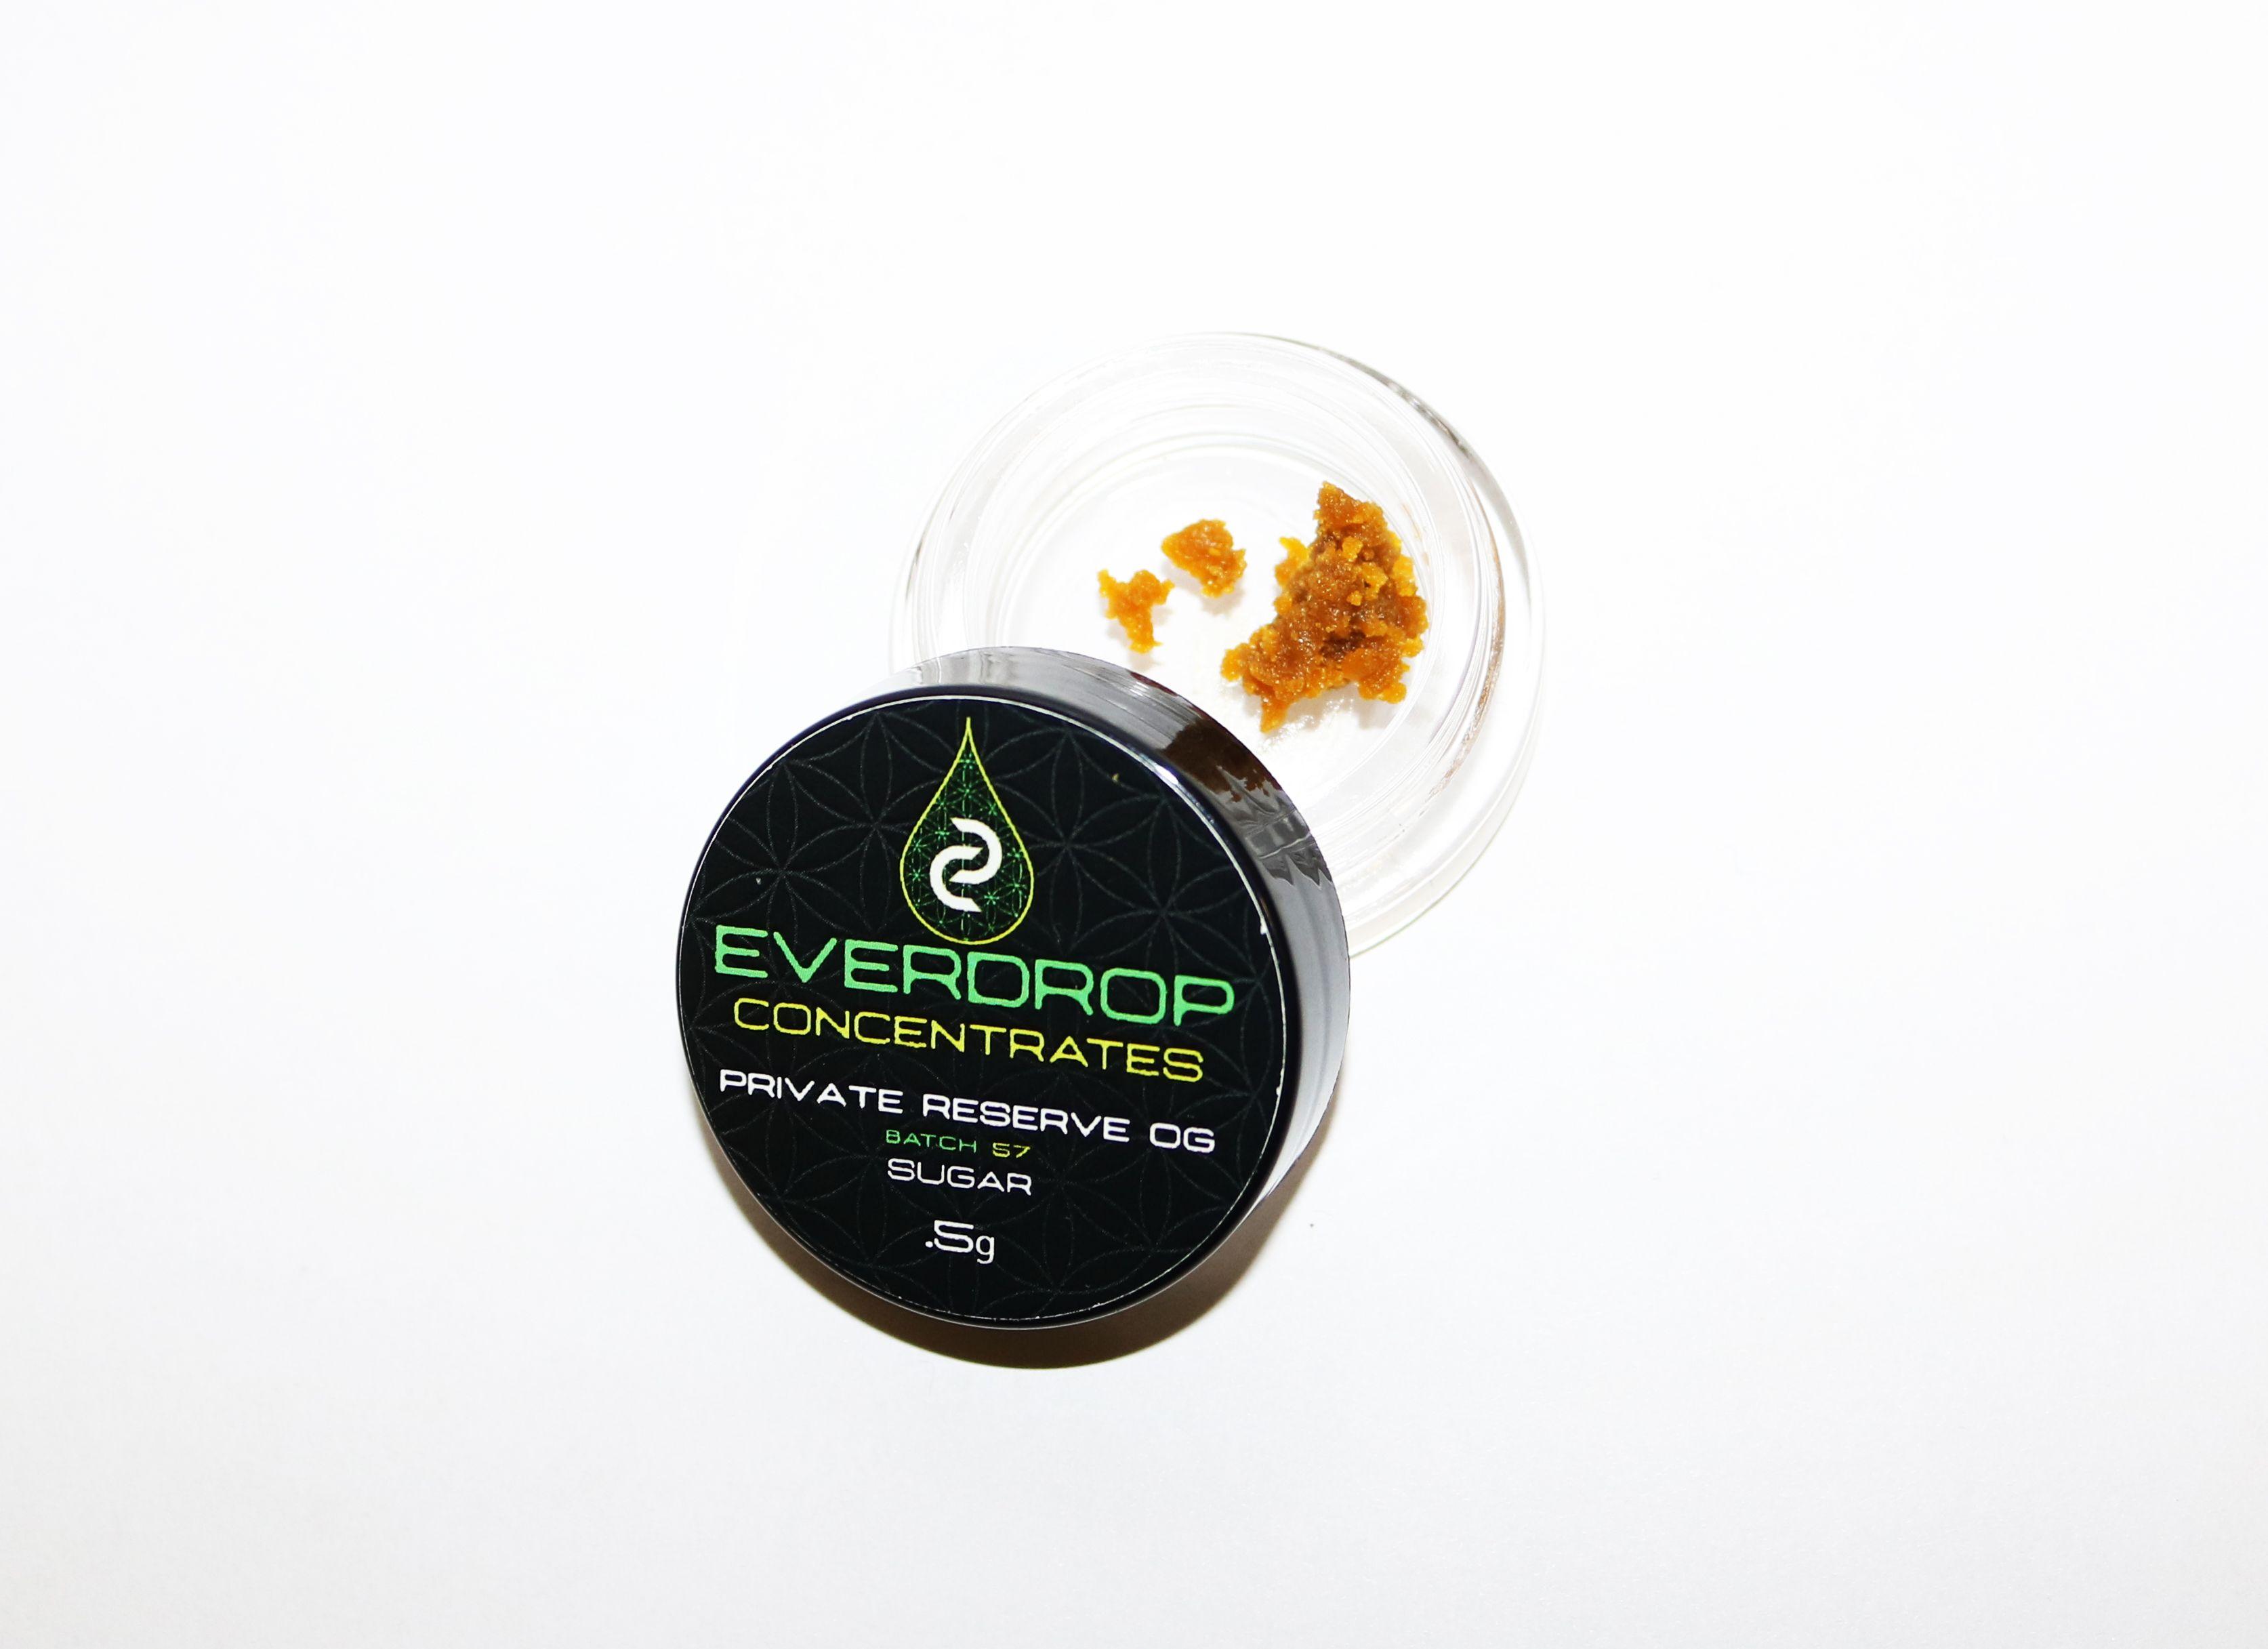 Everdrop Concentrates: Private Reserve OG